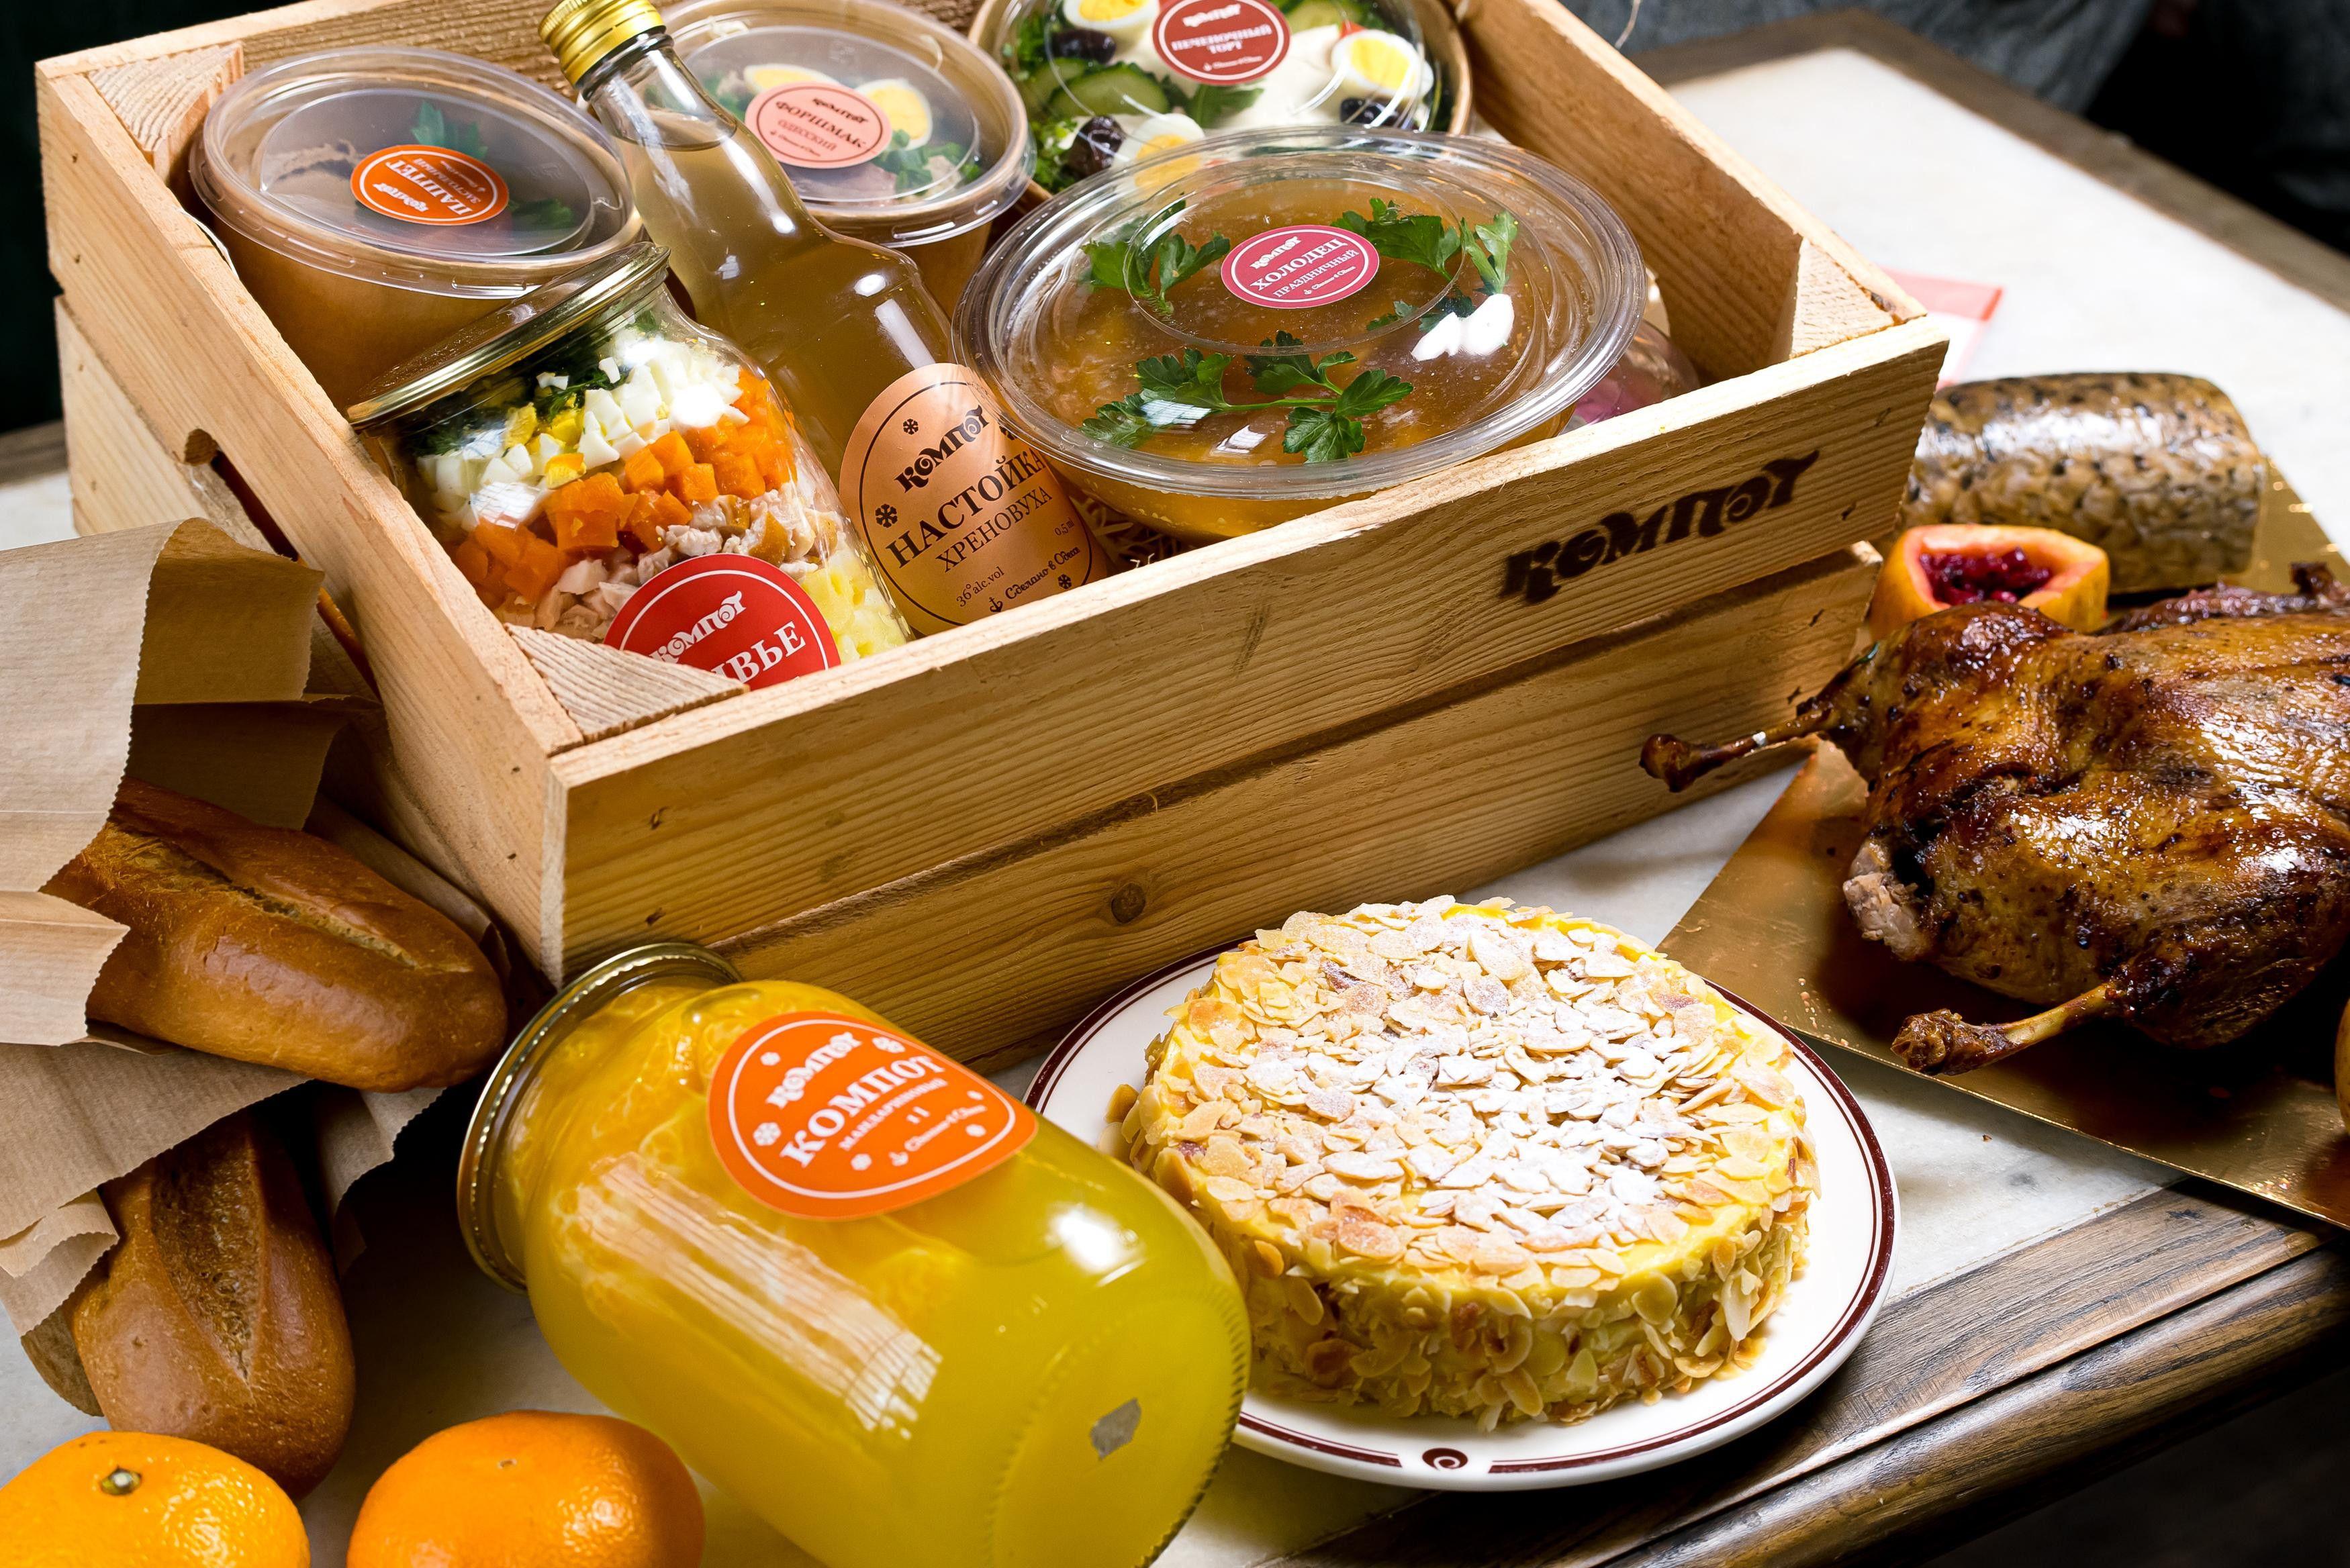 Новый год без хлопот: закажите праздничный стол в ресторанах Саввы Либкина